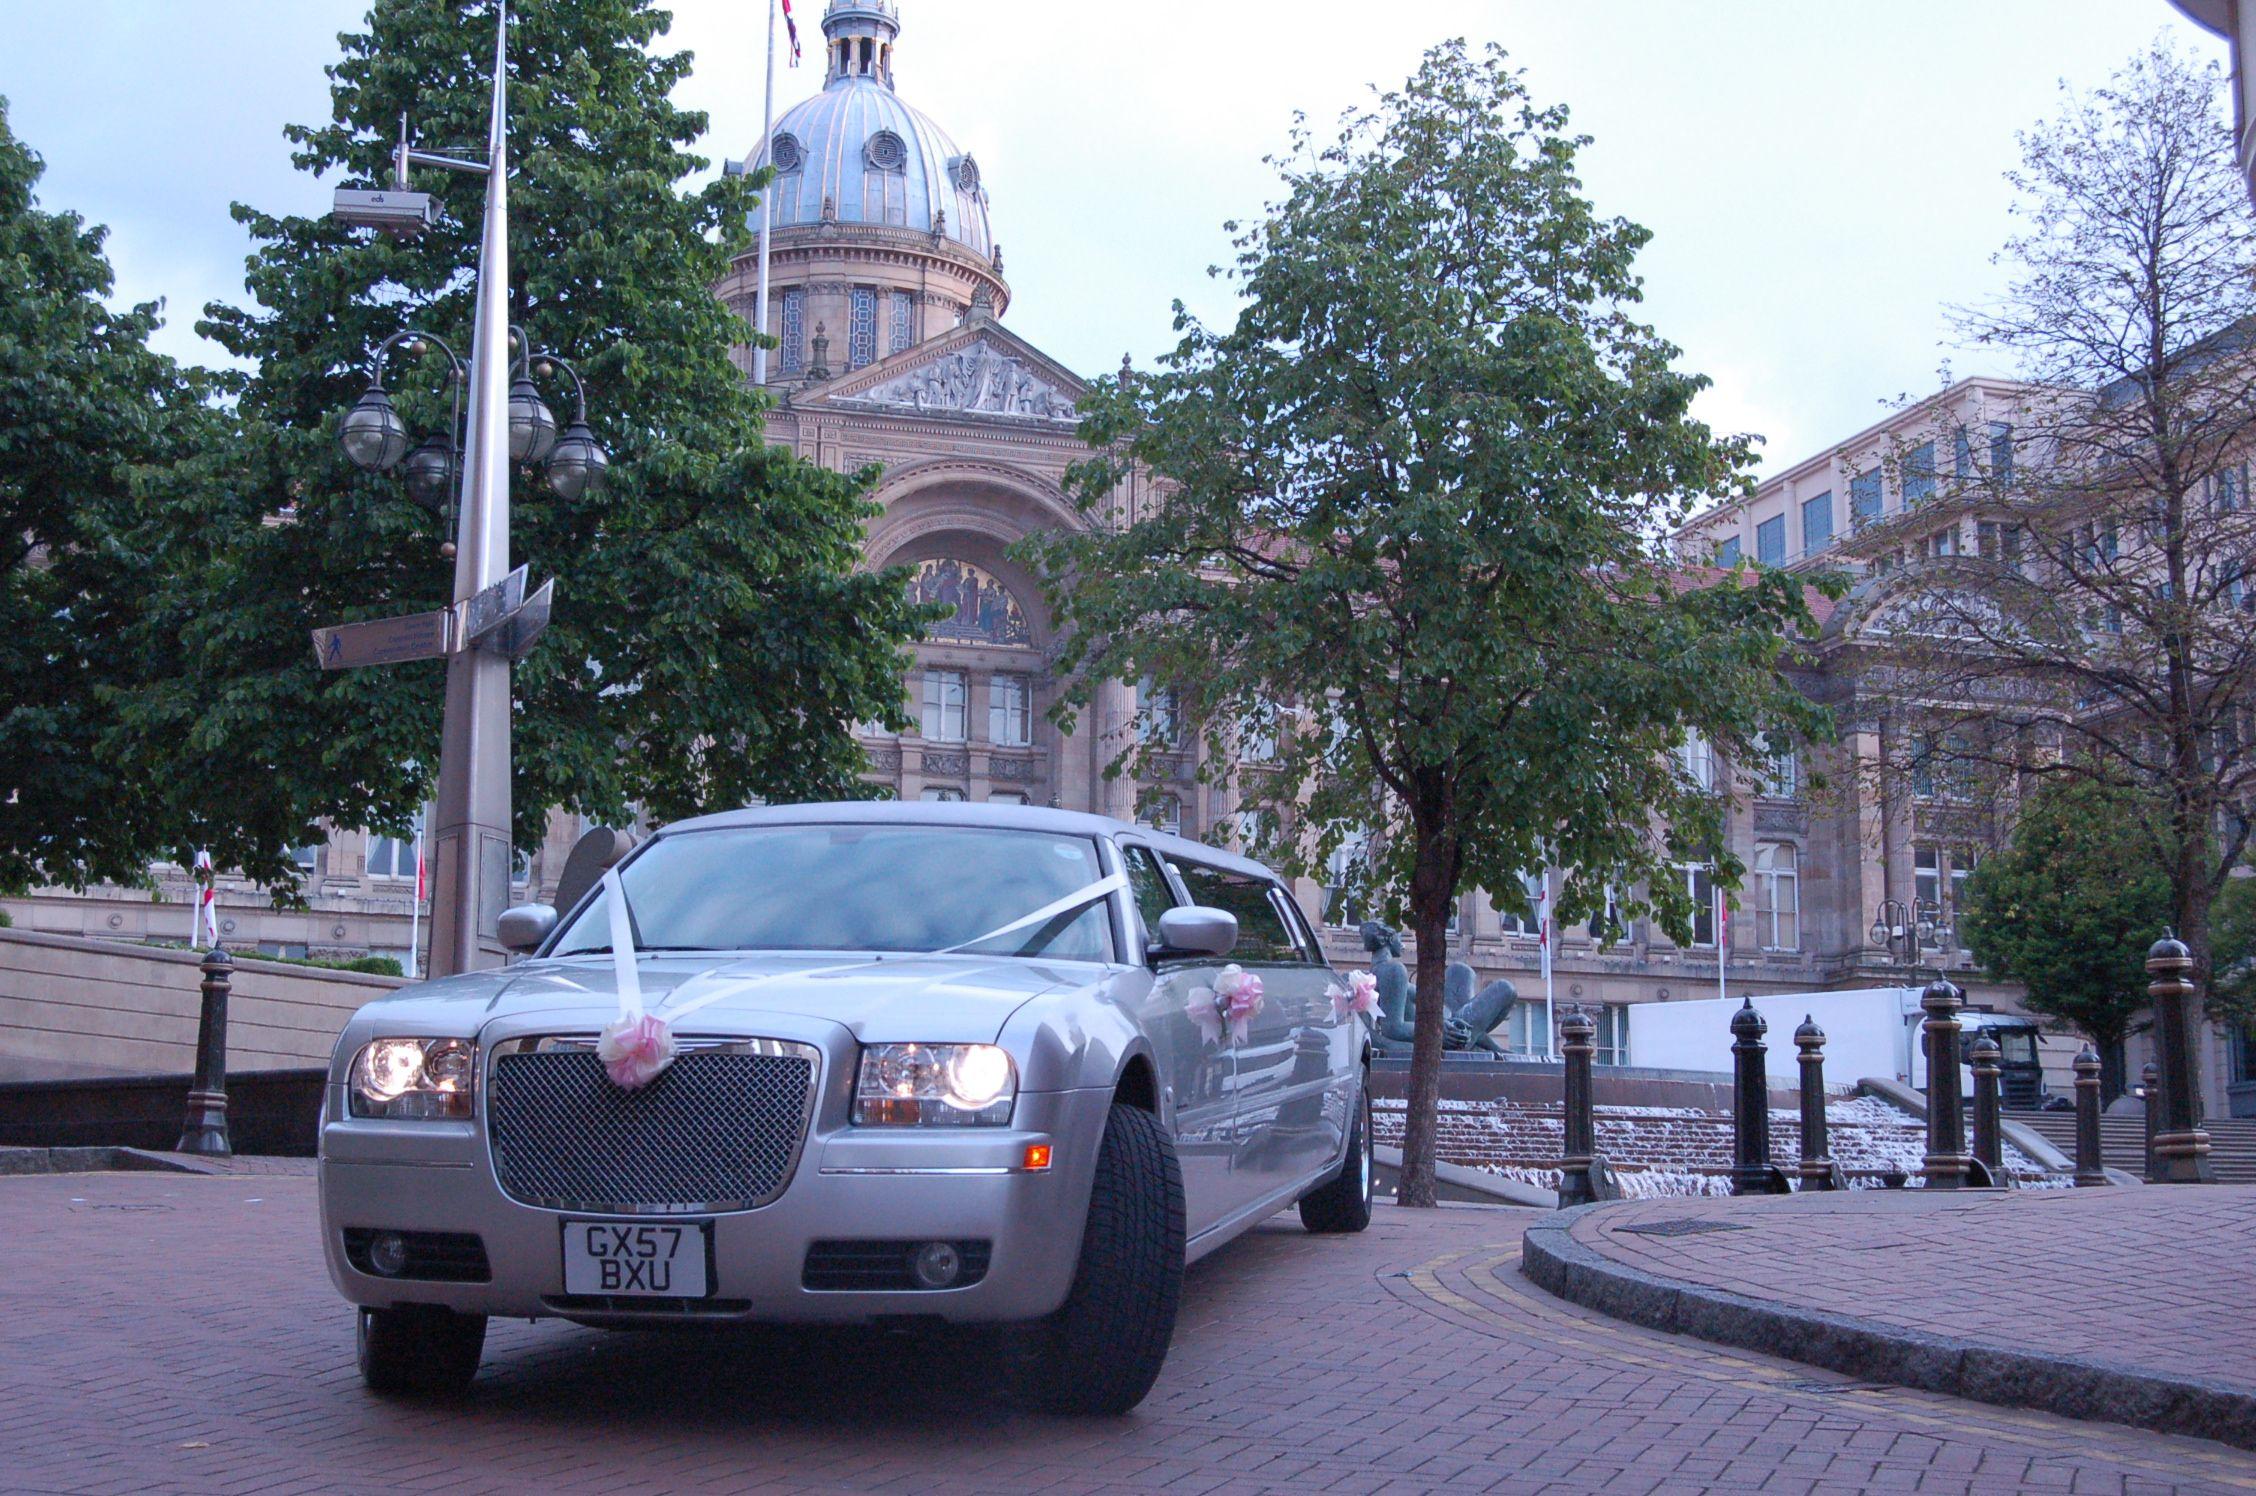 Wedding day arrival Birmingham City Centre | Limousines | Pinterest